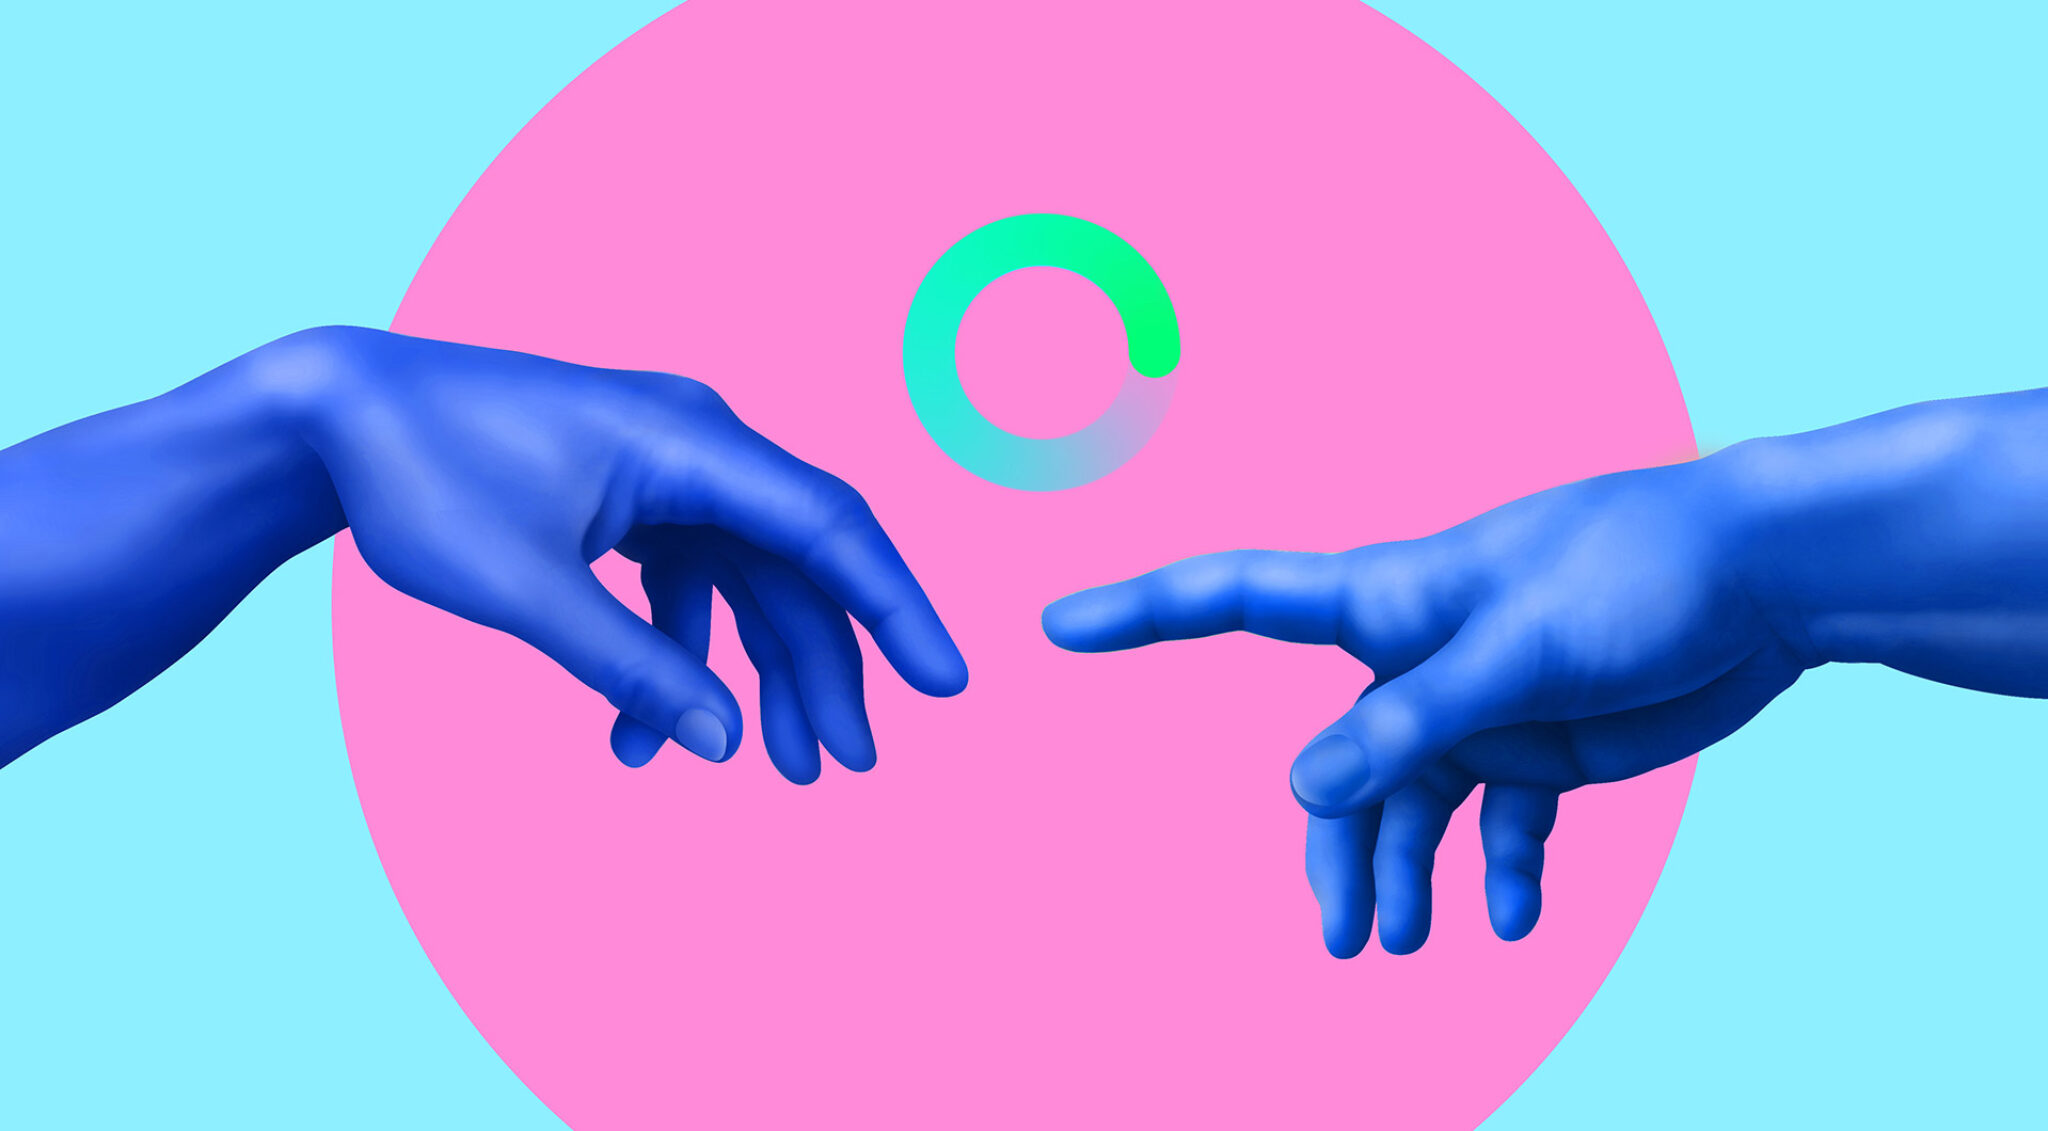 Grafische Darstellung zweier Hände, die sich berühren wollen.